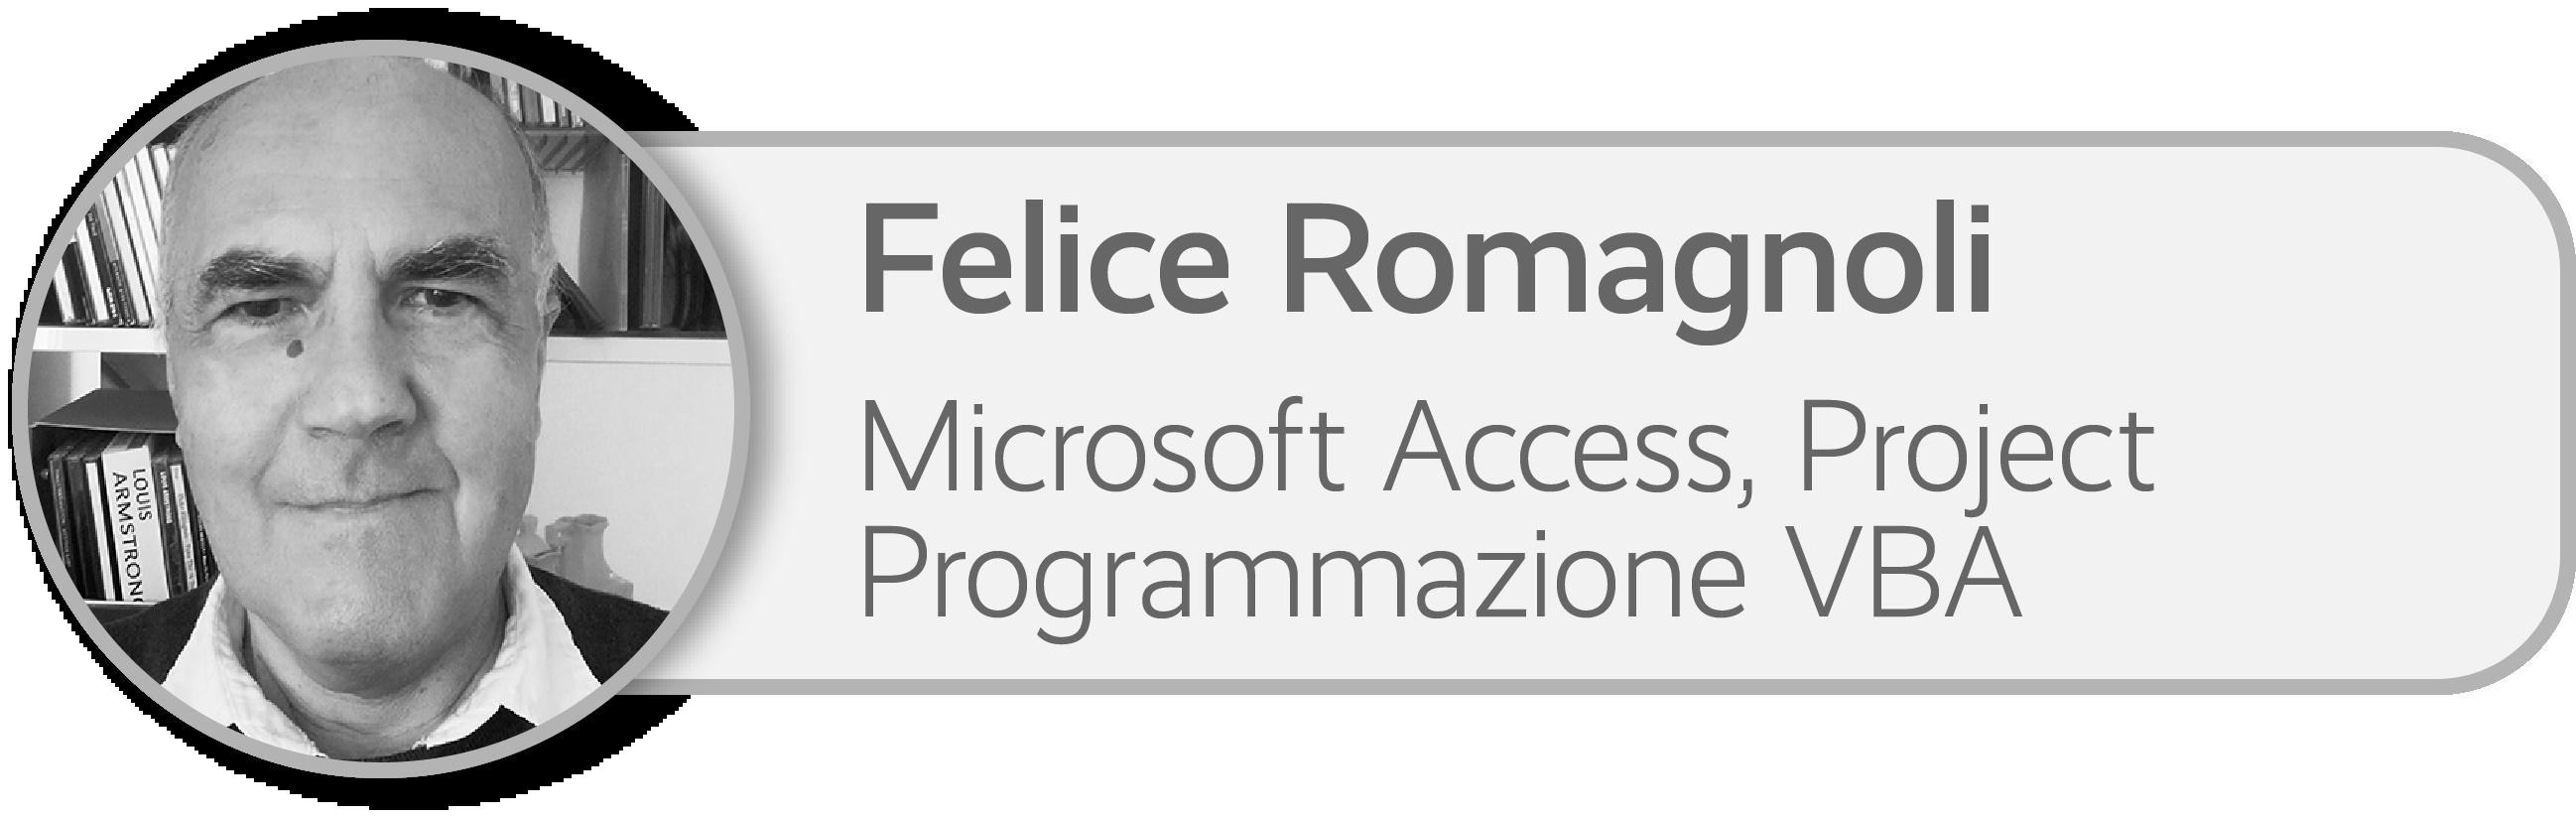 Felice Romagnoli